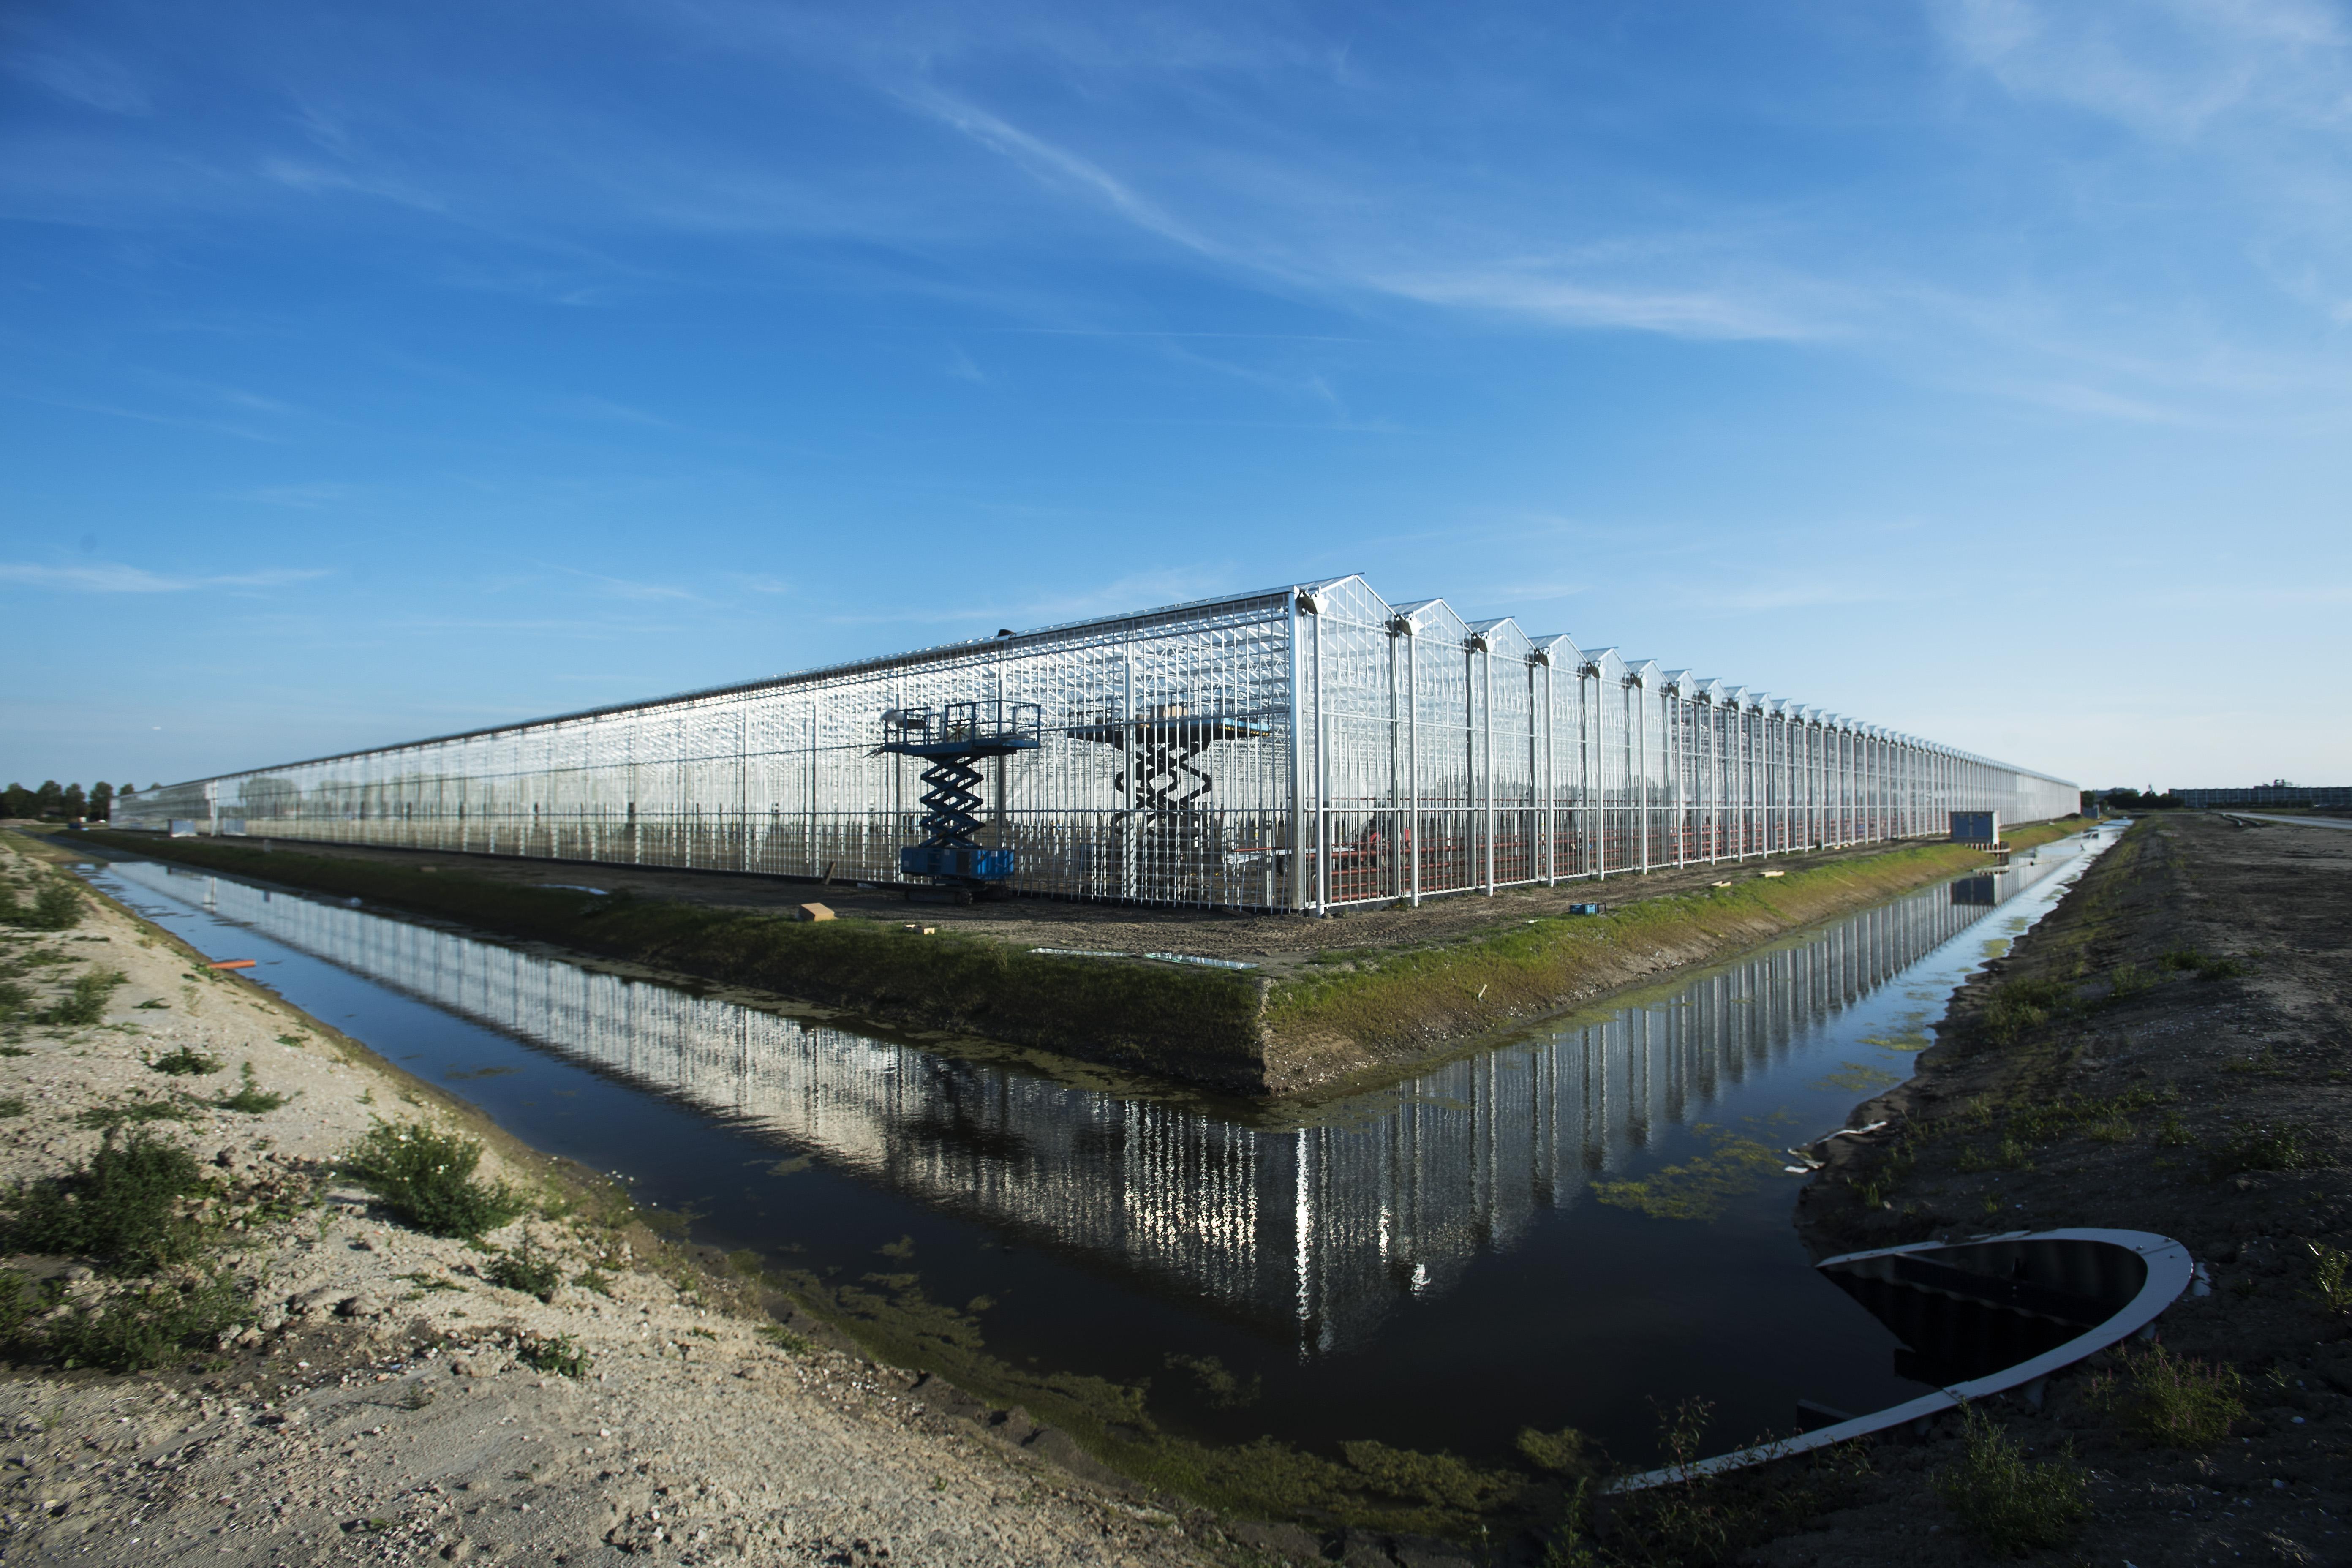 Haarlemmermeer pakt miljoenenverlies op project Primaviera. Gemeente laat uitvoerder SGN failliet gaan